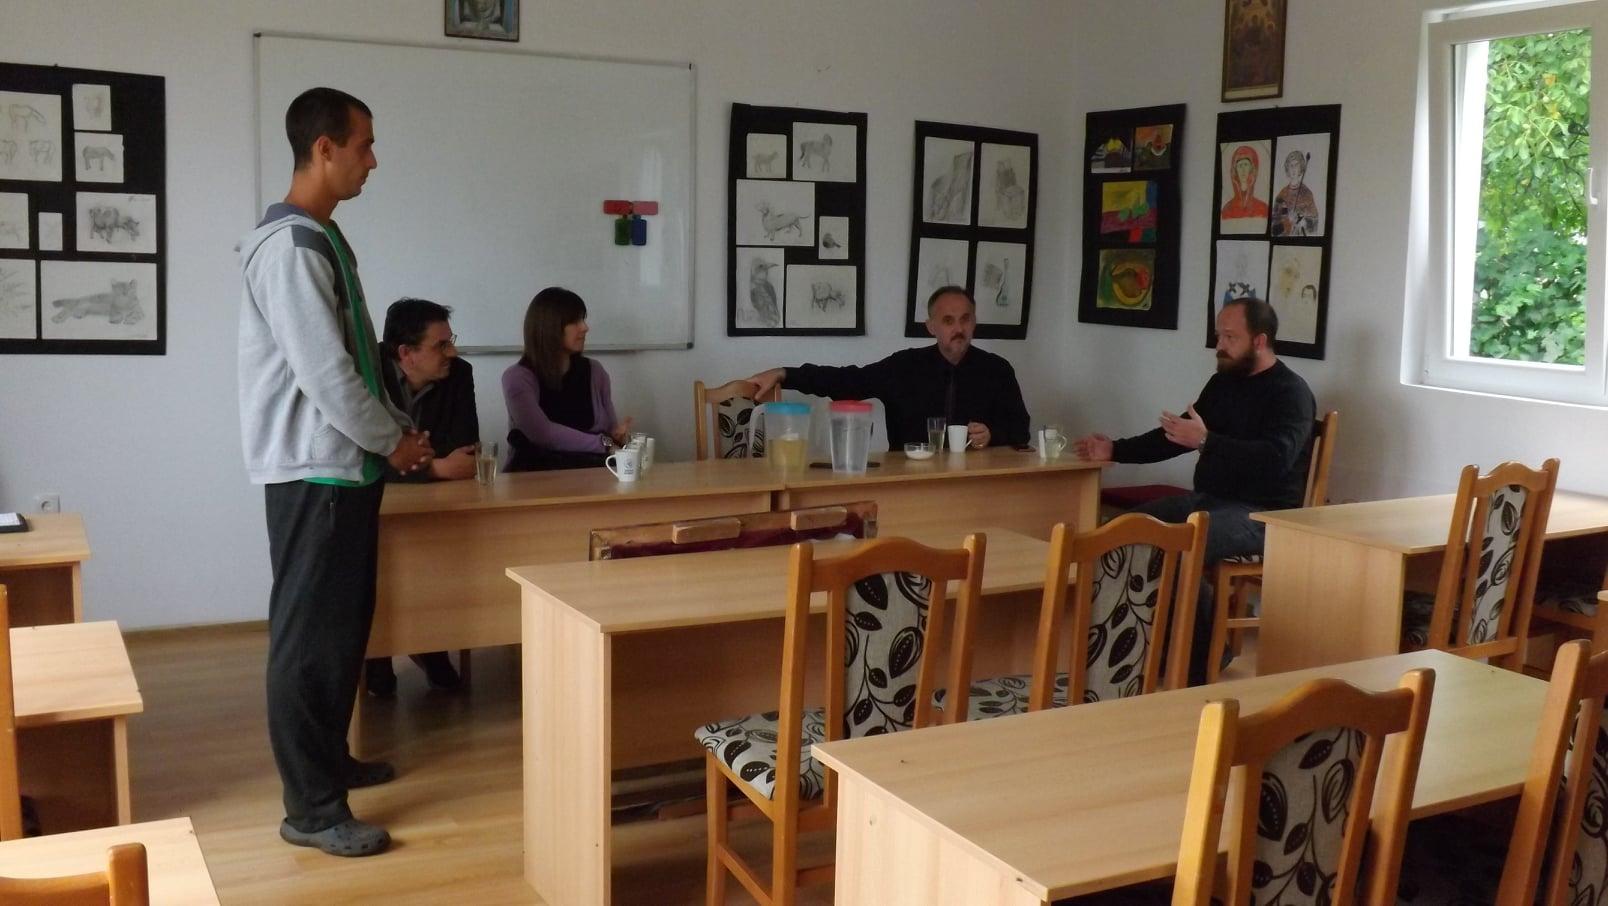 Професори Филизофског факултета из Бања Луке посетили нашу заједницу на Ченеју